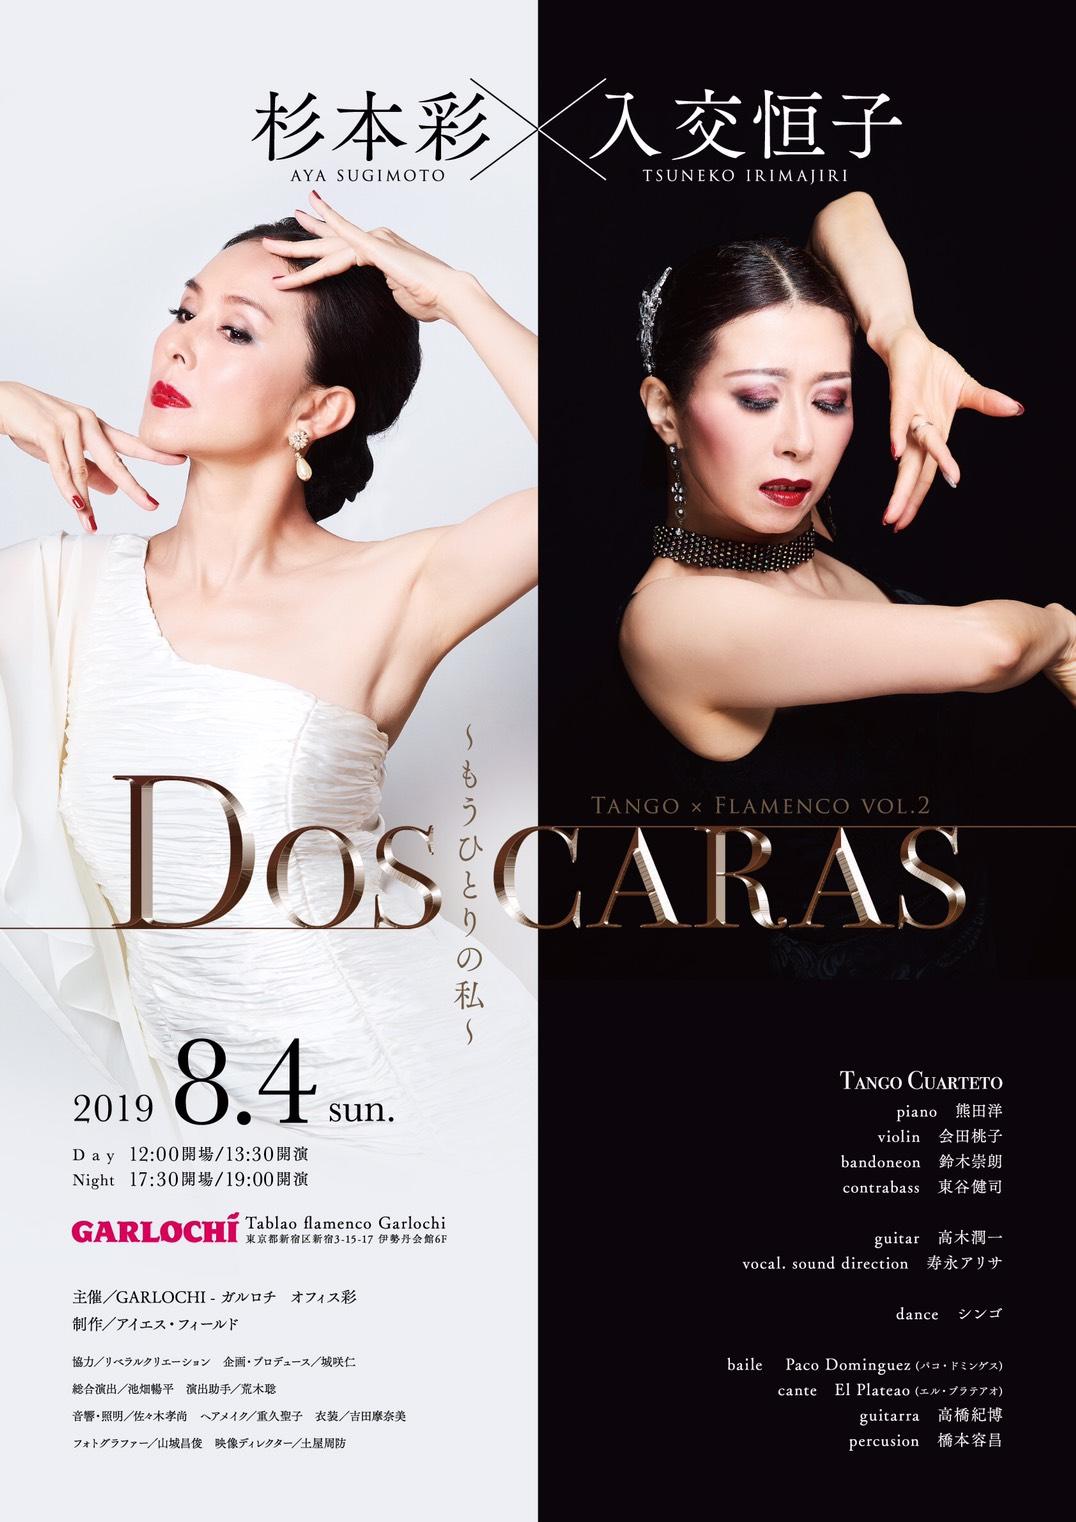 2019年8月4日 DOS CARAS 新宿伊勢丹会館ガルロチにて公演